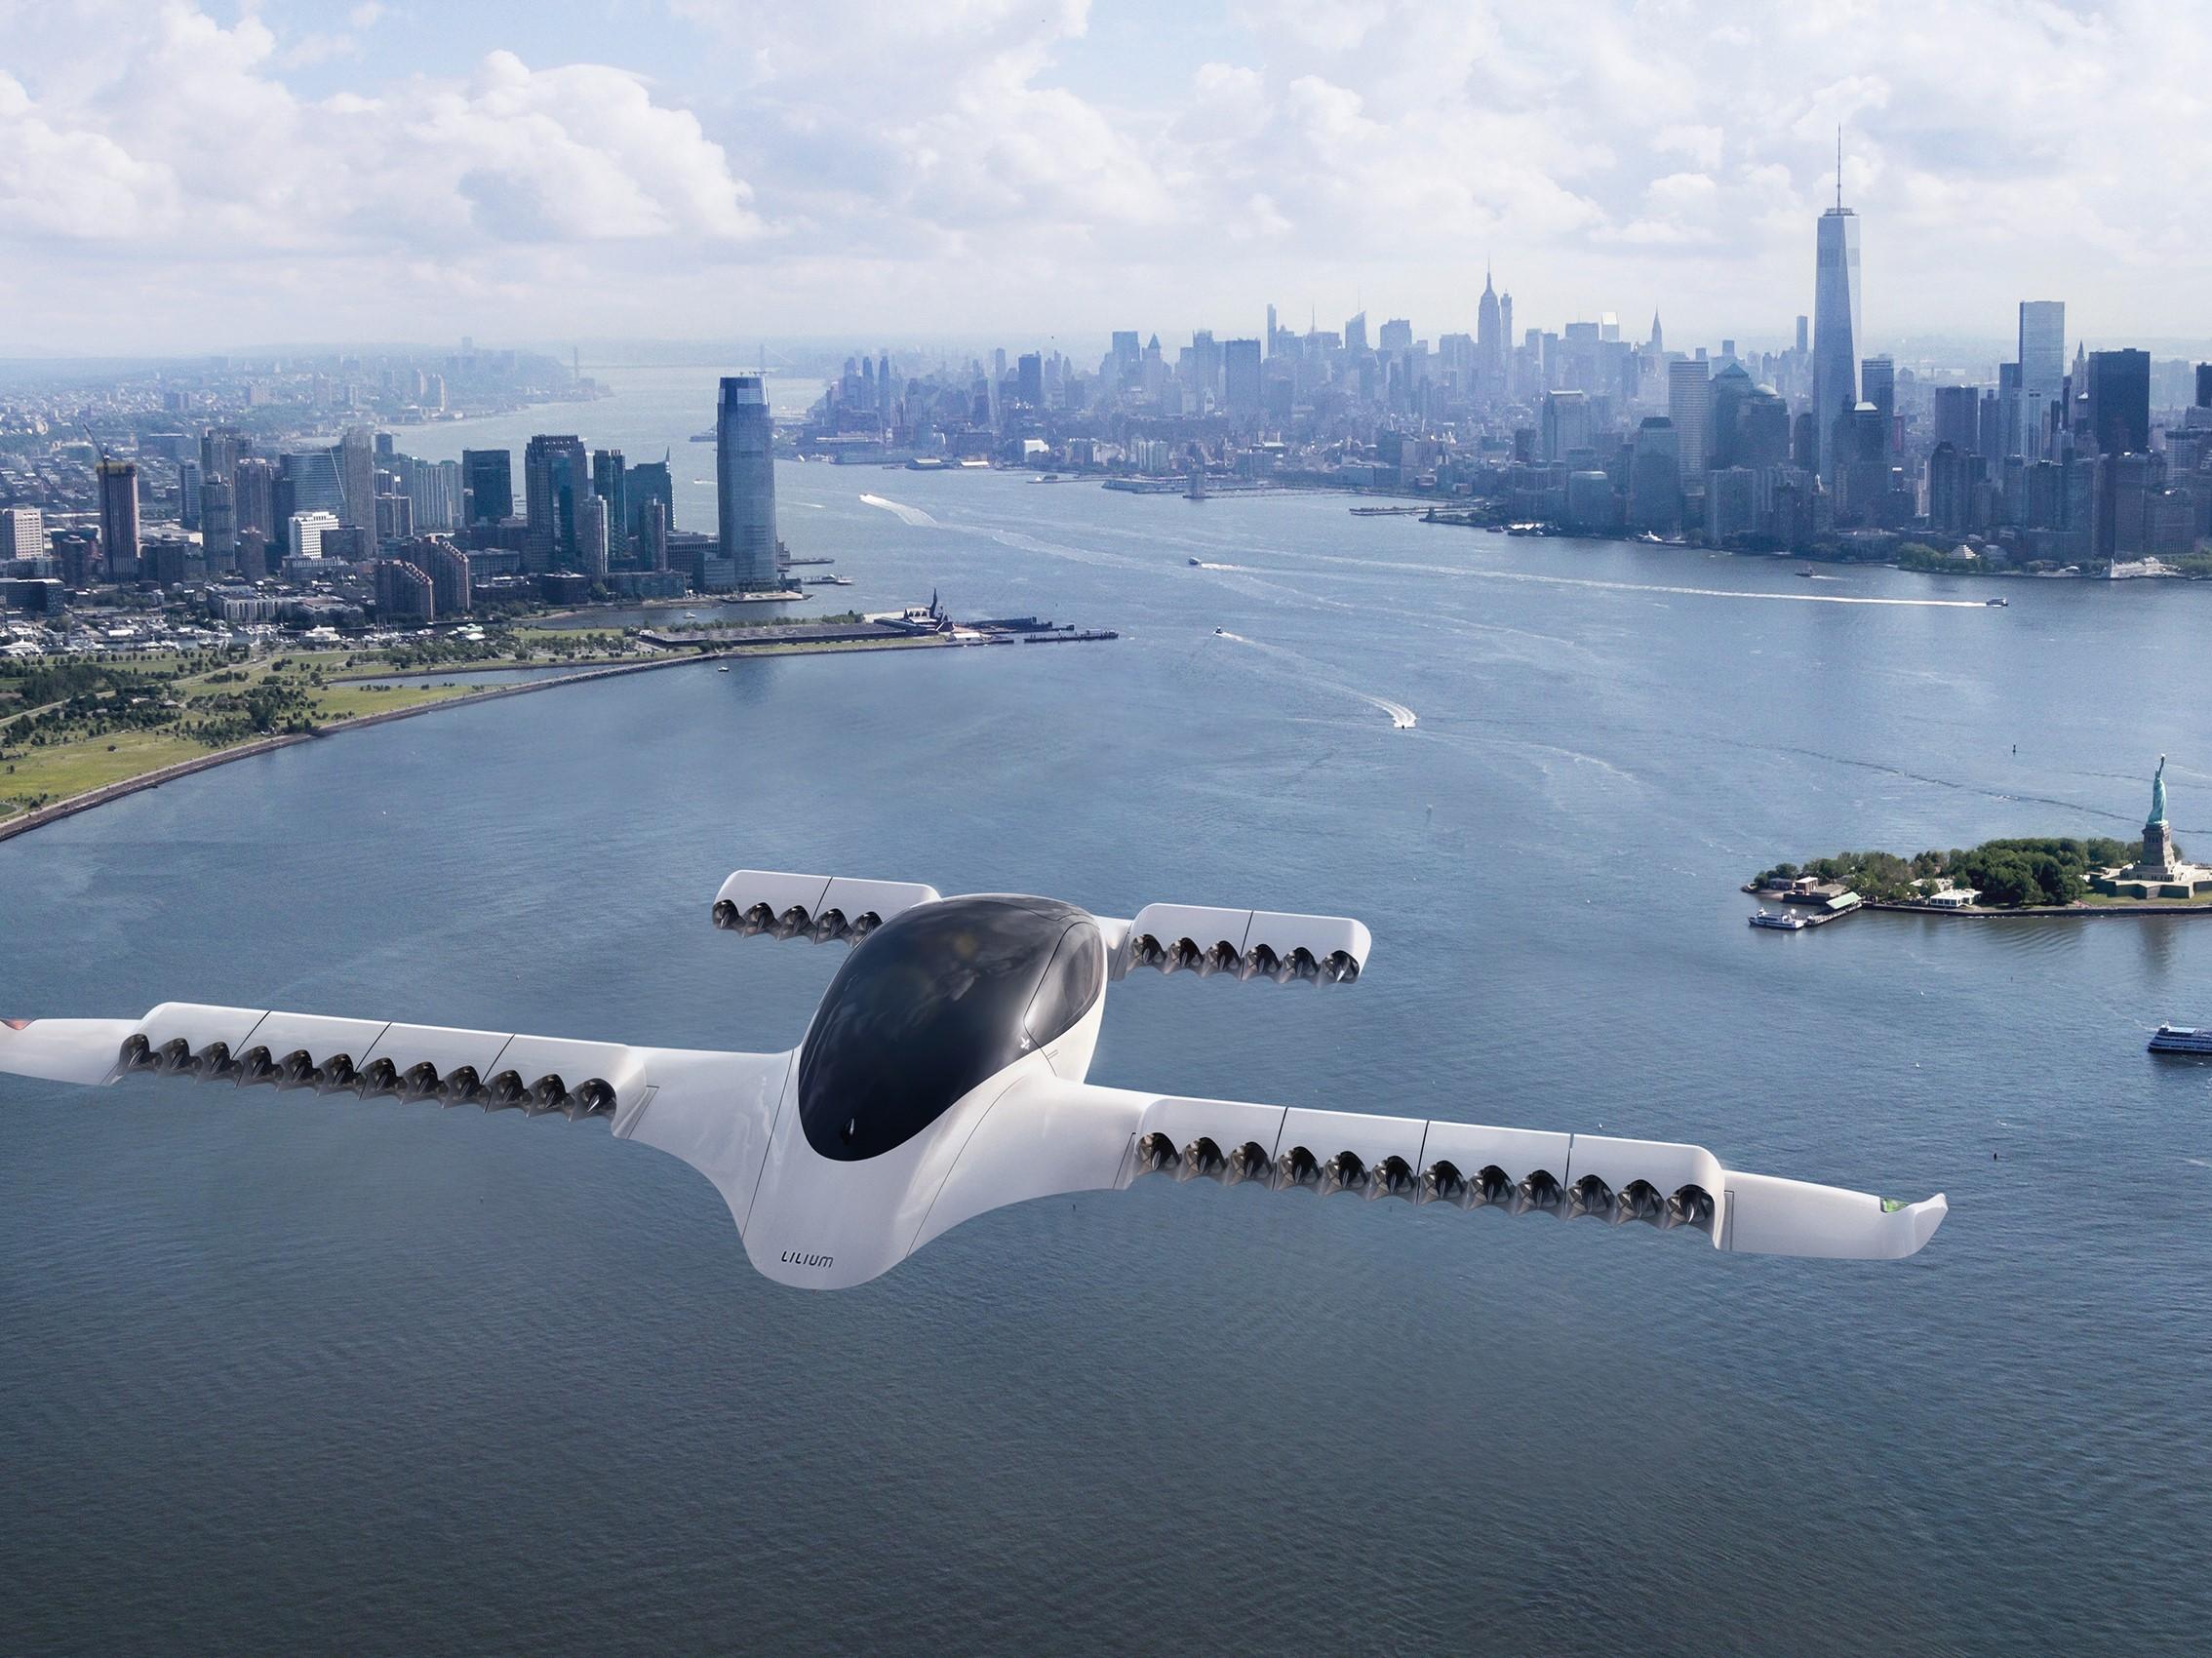 Elektrické VTOL aerotaxi Lilium překonalo rychlost 100 km/h. Do provozu ho jeho tvůrci chtějí dostat do roku 2025